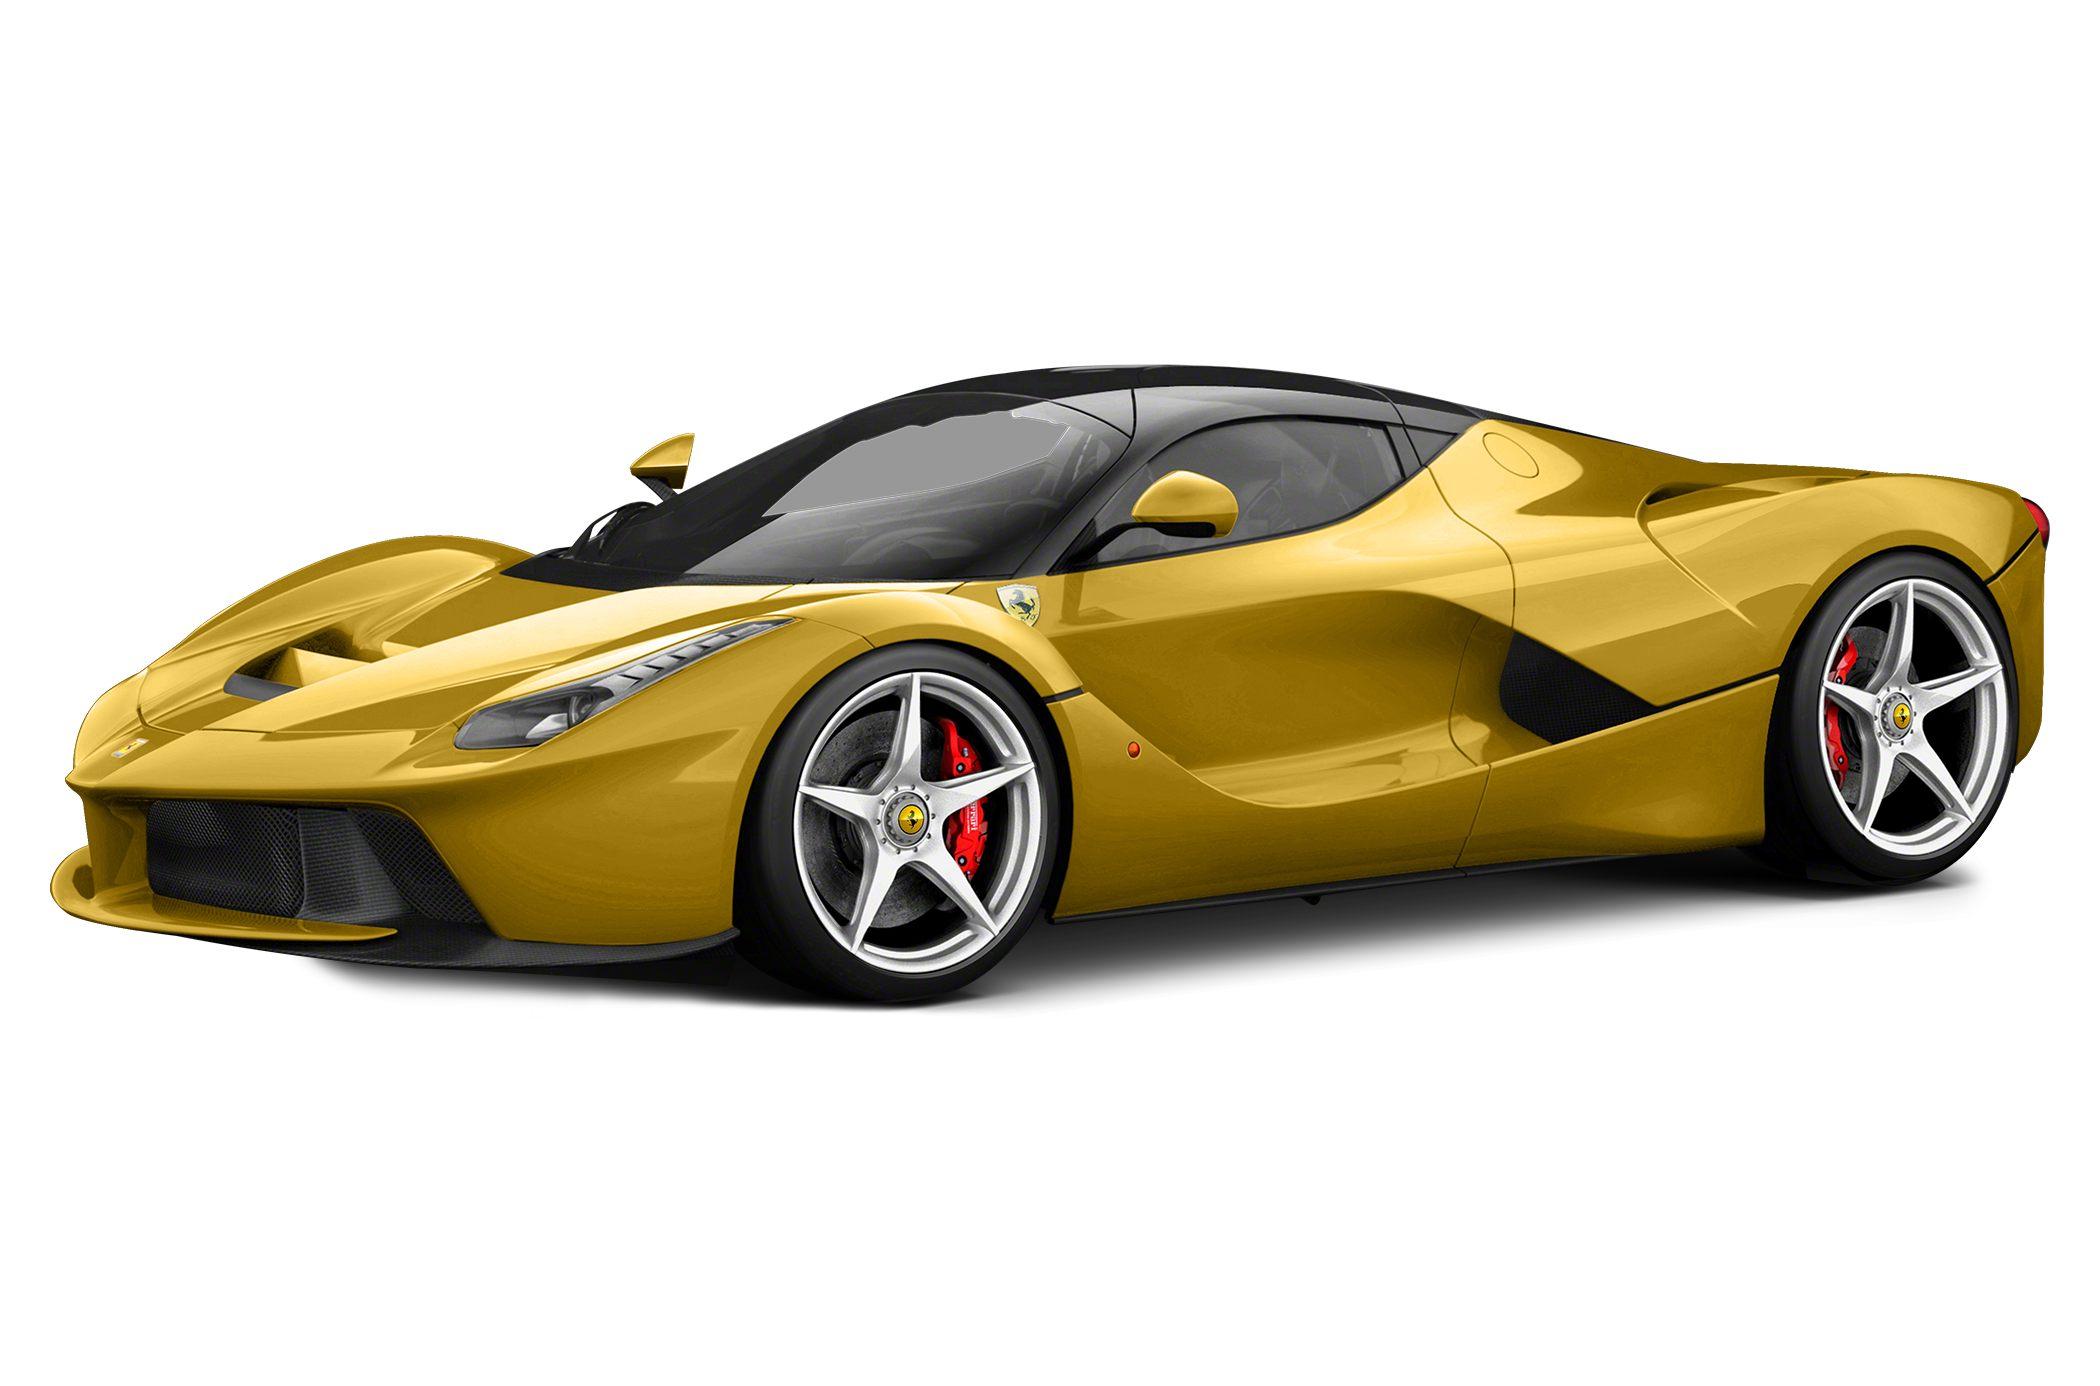 2014 Ferrari Laferrari Specs And Prices